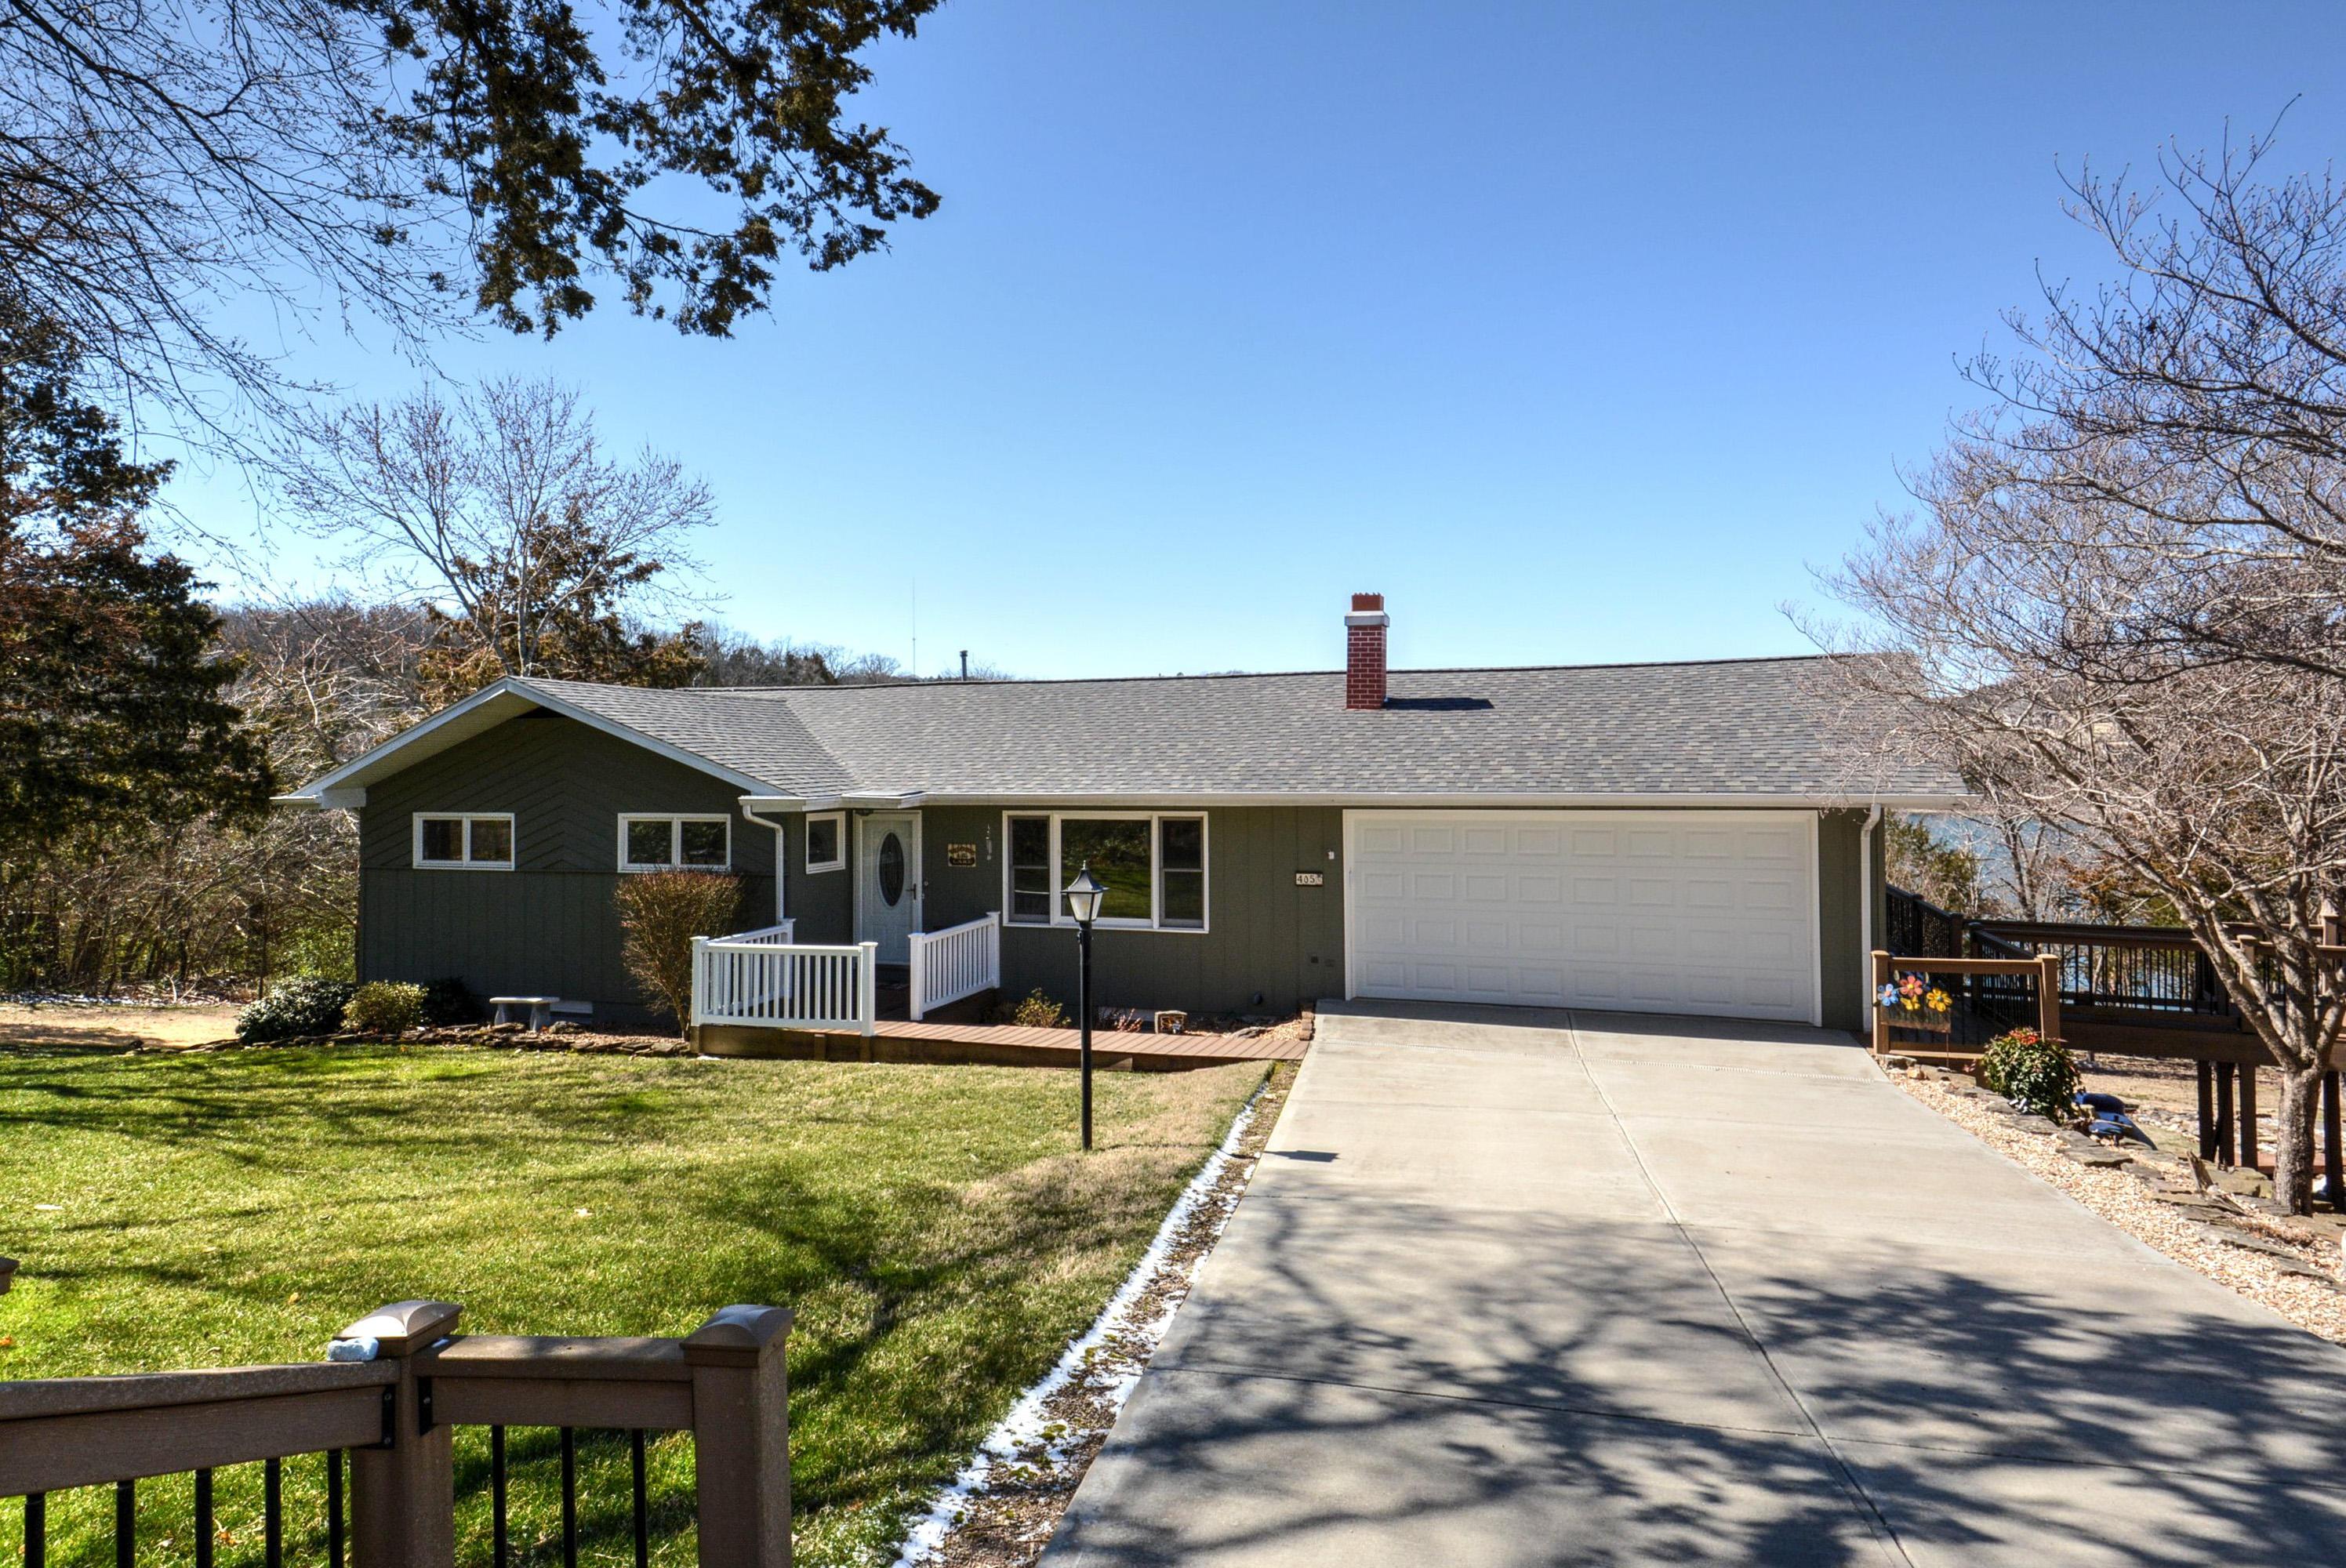 405/417 Edgewater Circle Ridgedale, MO 65739